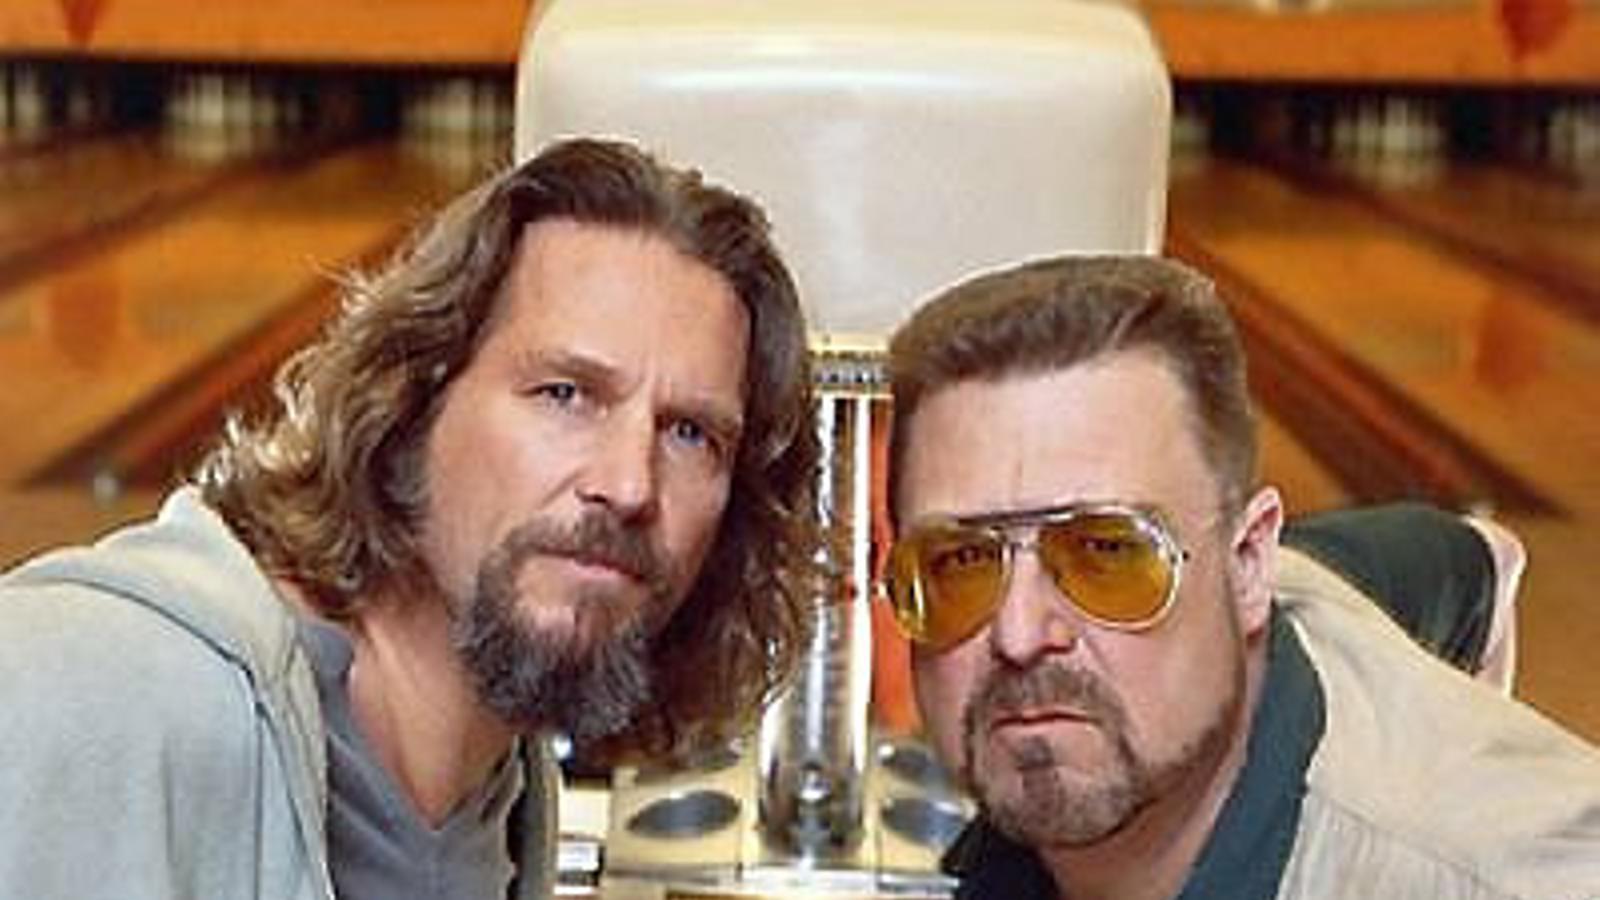 Jeff Bridges i John Goodman en una escena del mític film El gran Lebowski.